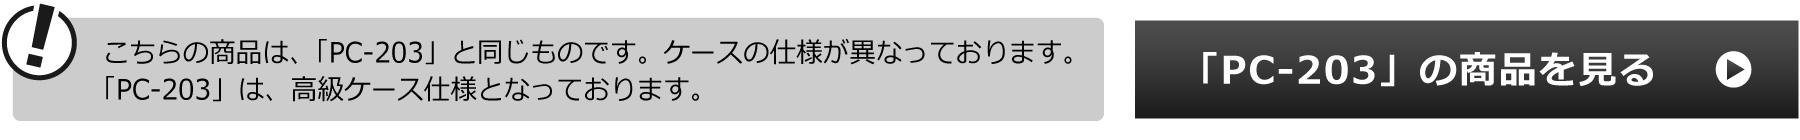 クリスタルガラスペーパーウェイト ミニトロフィー・ミニ表彰盾 PC-203